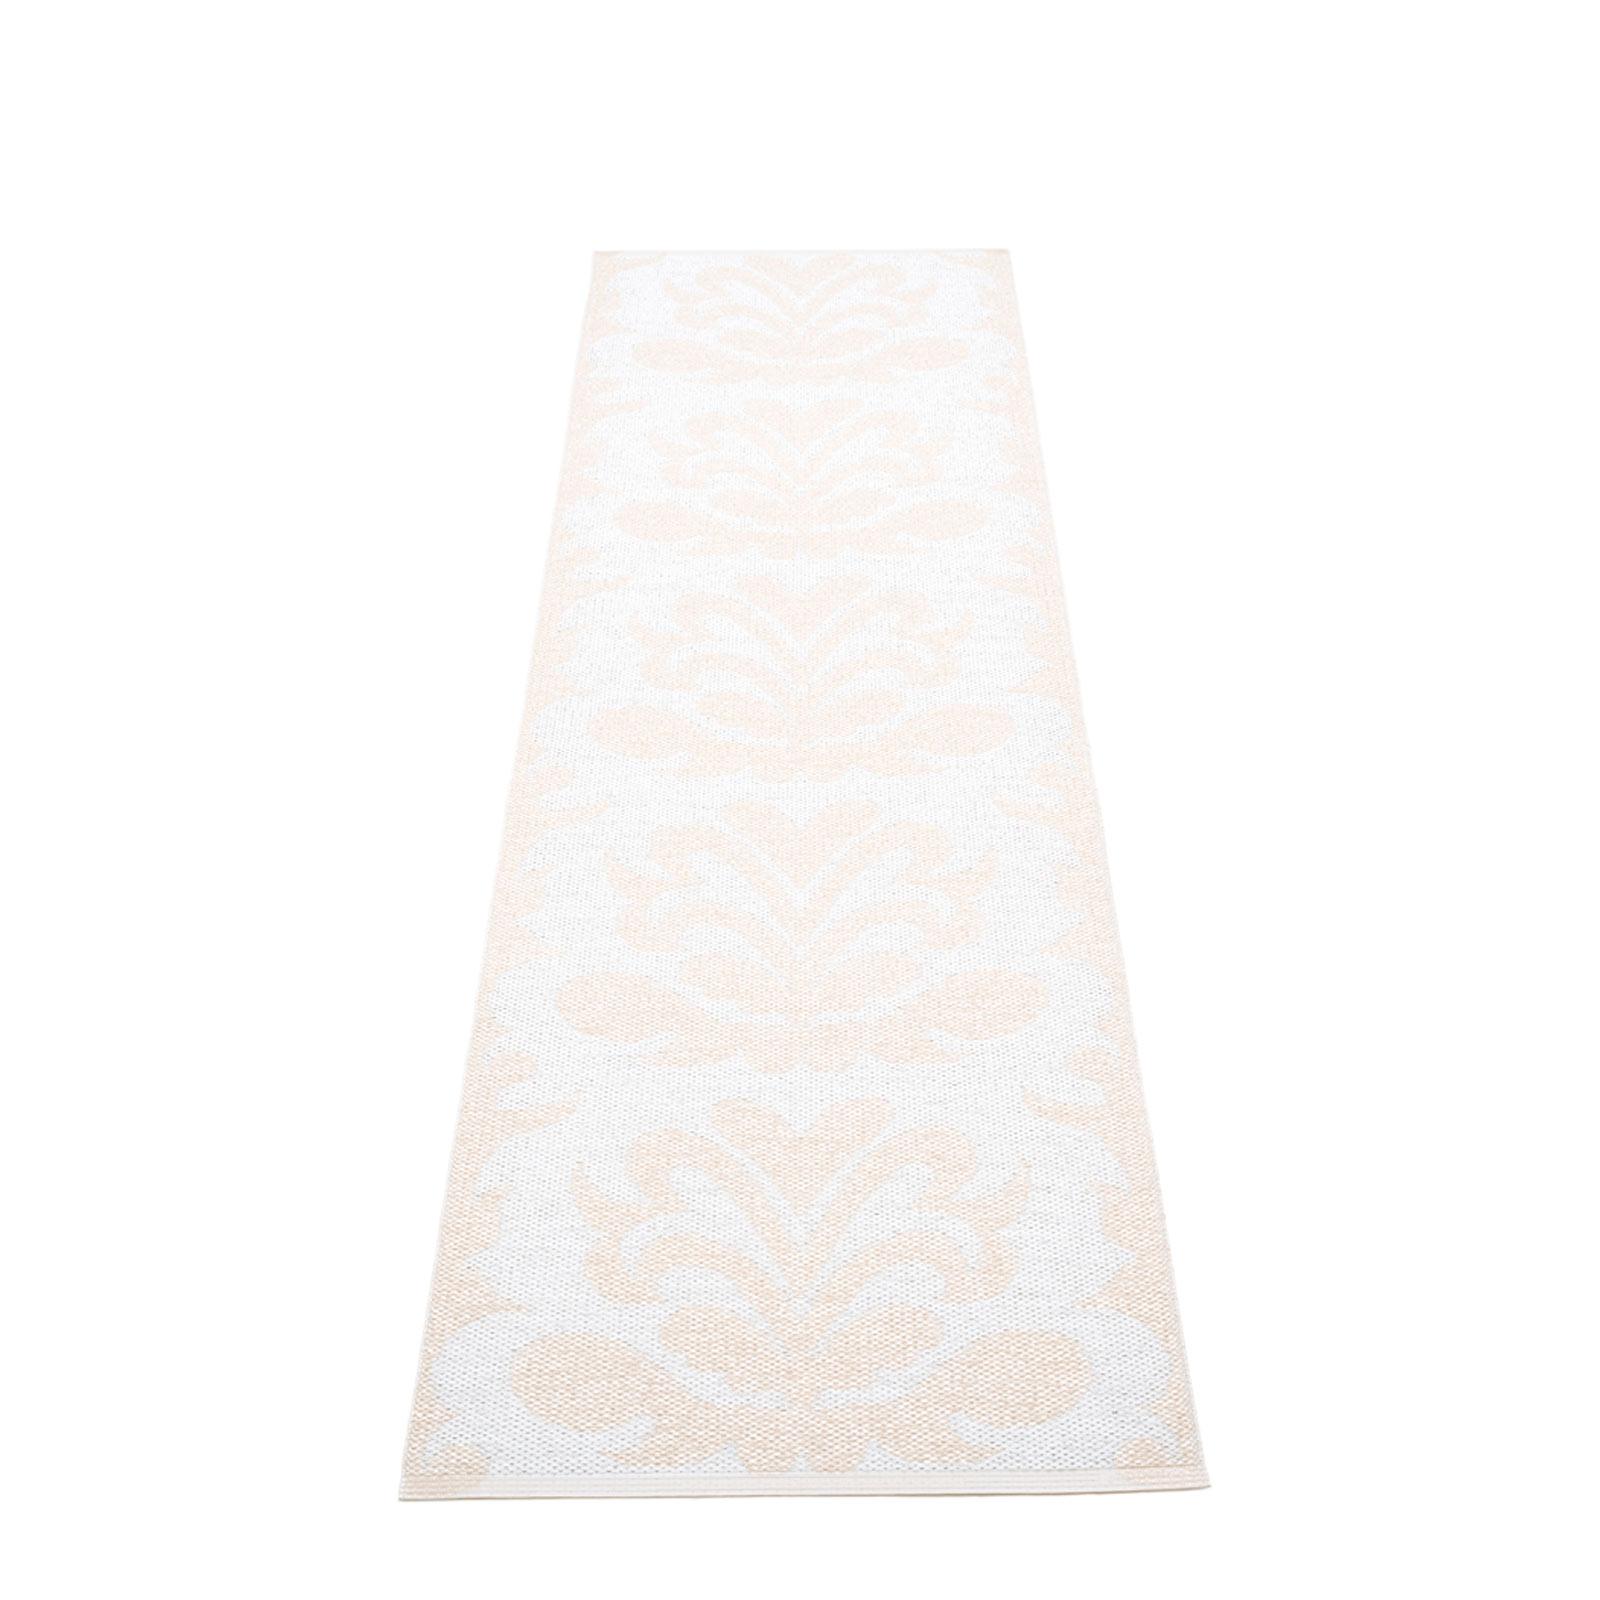 pappelina Kunststoff Teppich SIRI White Metallic/White verschiedene Größen